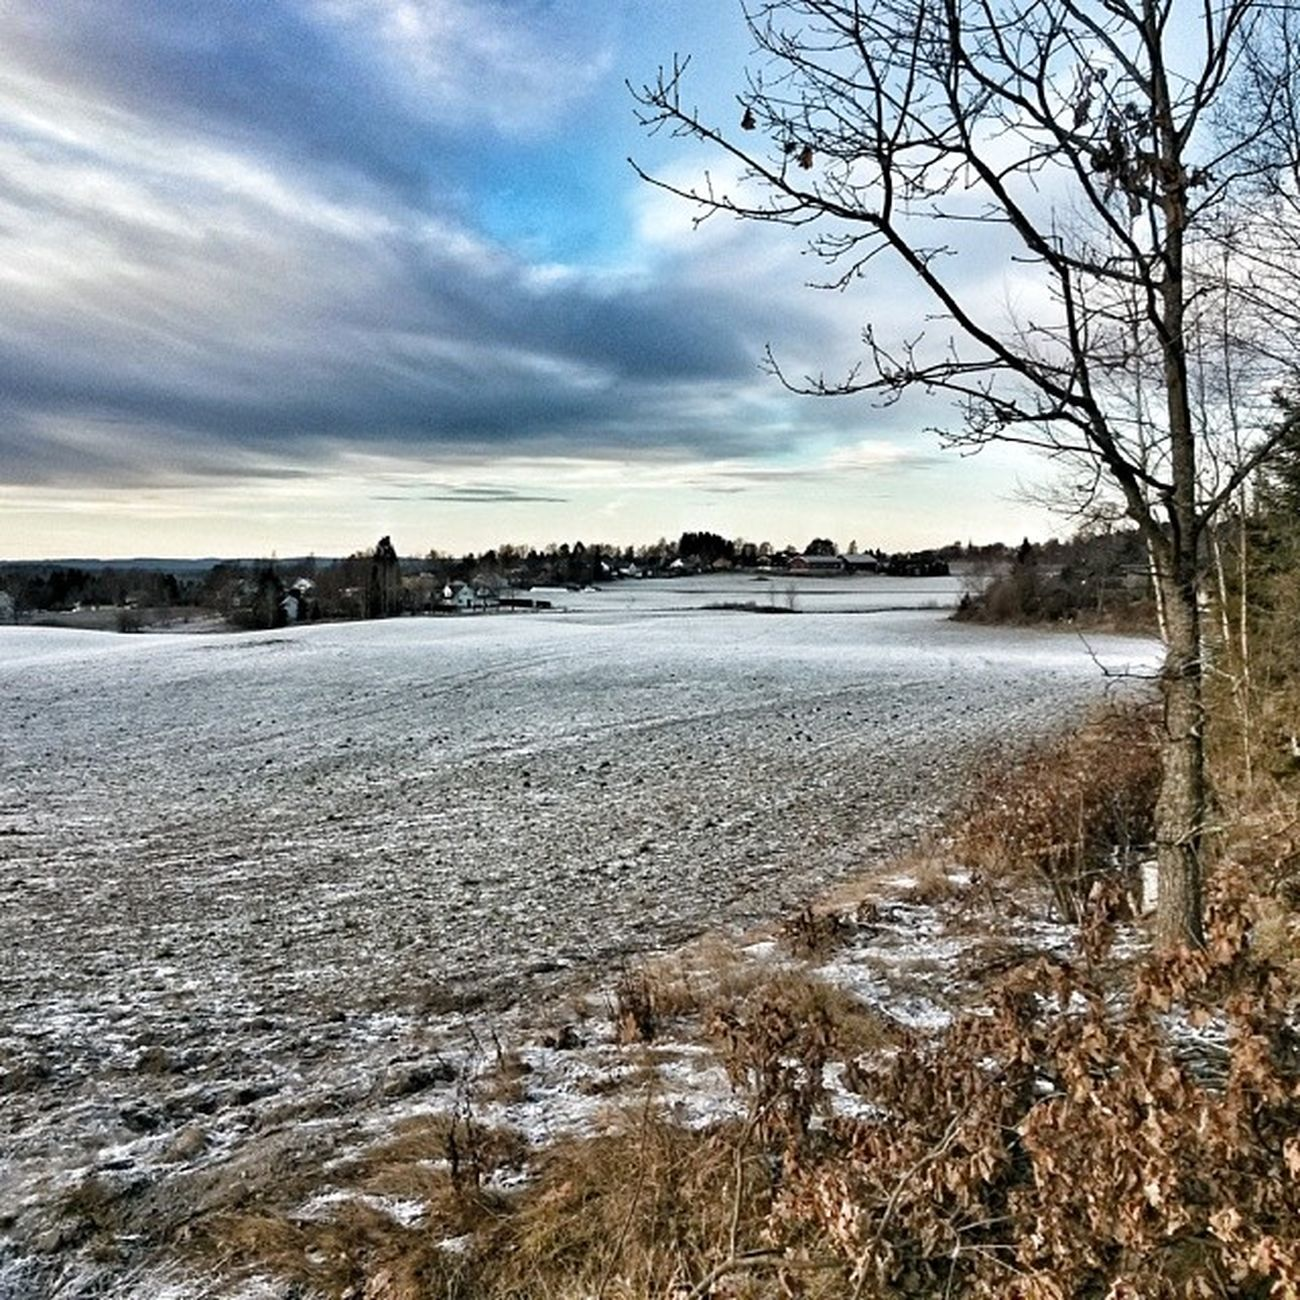 Ilovenorway Ilovenorway_akershus Follo   ås worldunion wu_norway winter frost skyline